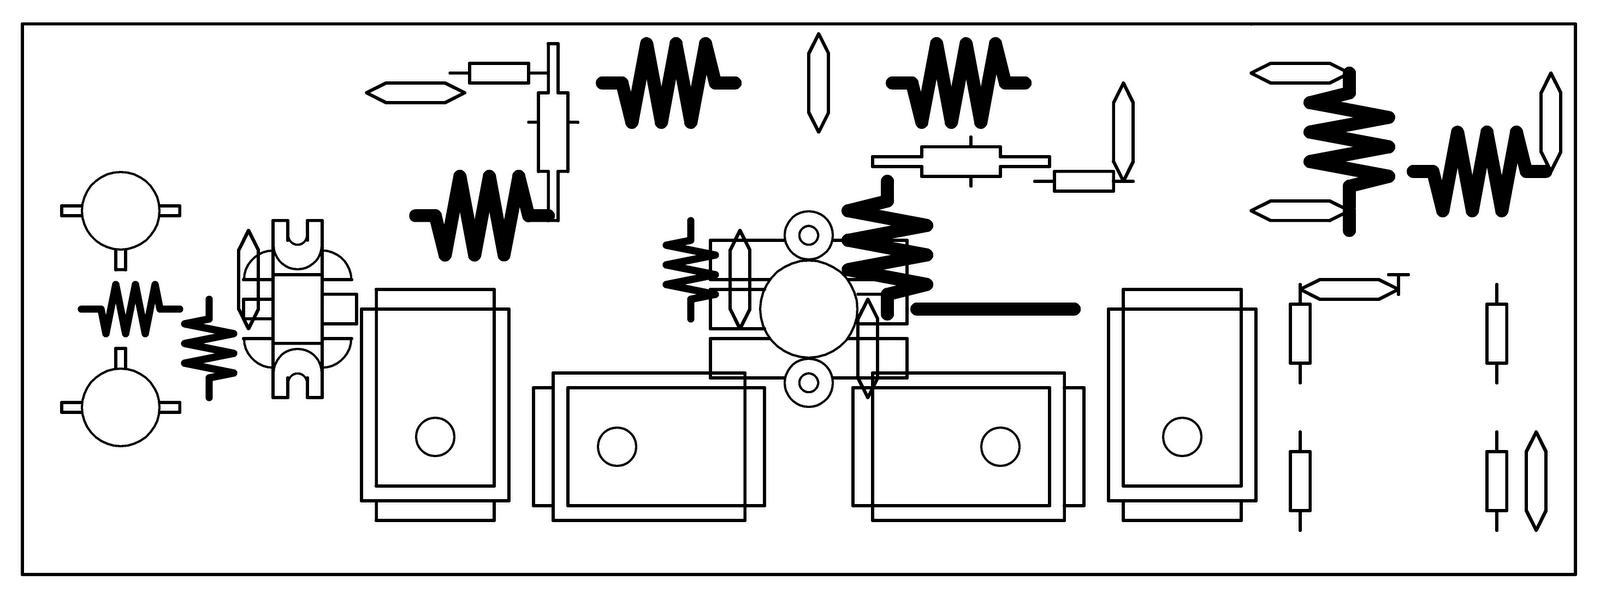 80w rf amplifier 88